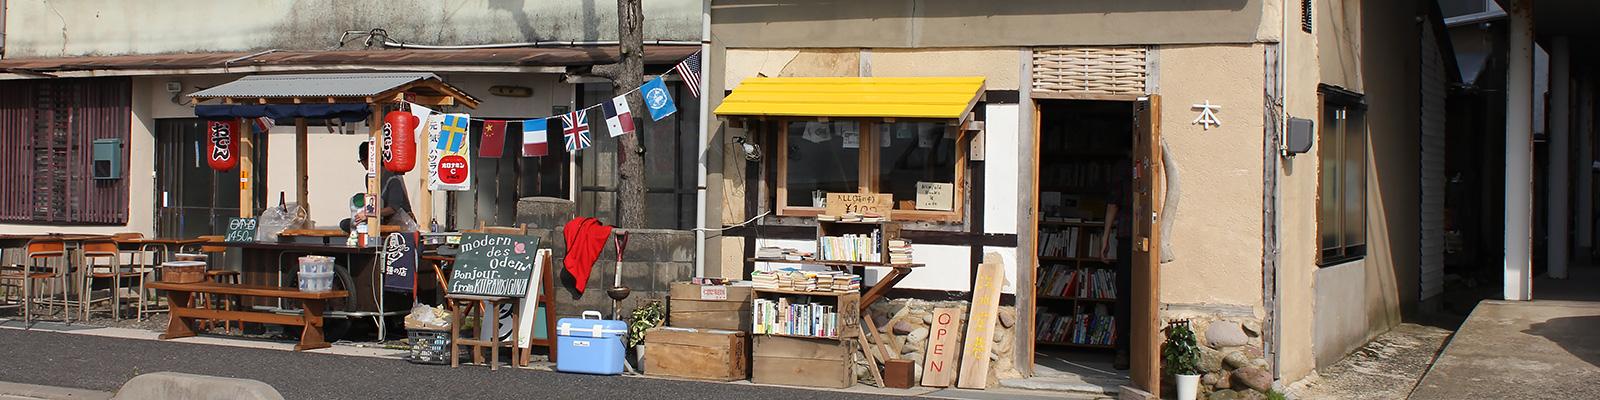 「空間」と「地元のコミュニティ」がトガった若者を惹きつける - 鳥取県湯梨浜町松崎